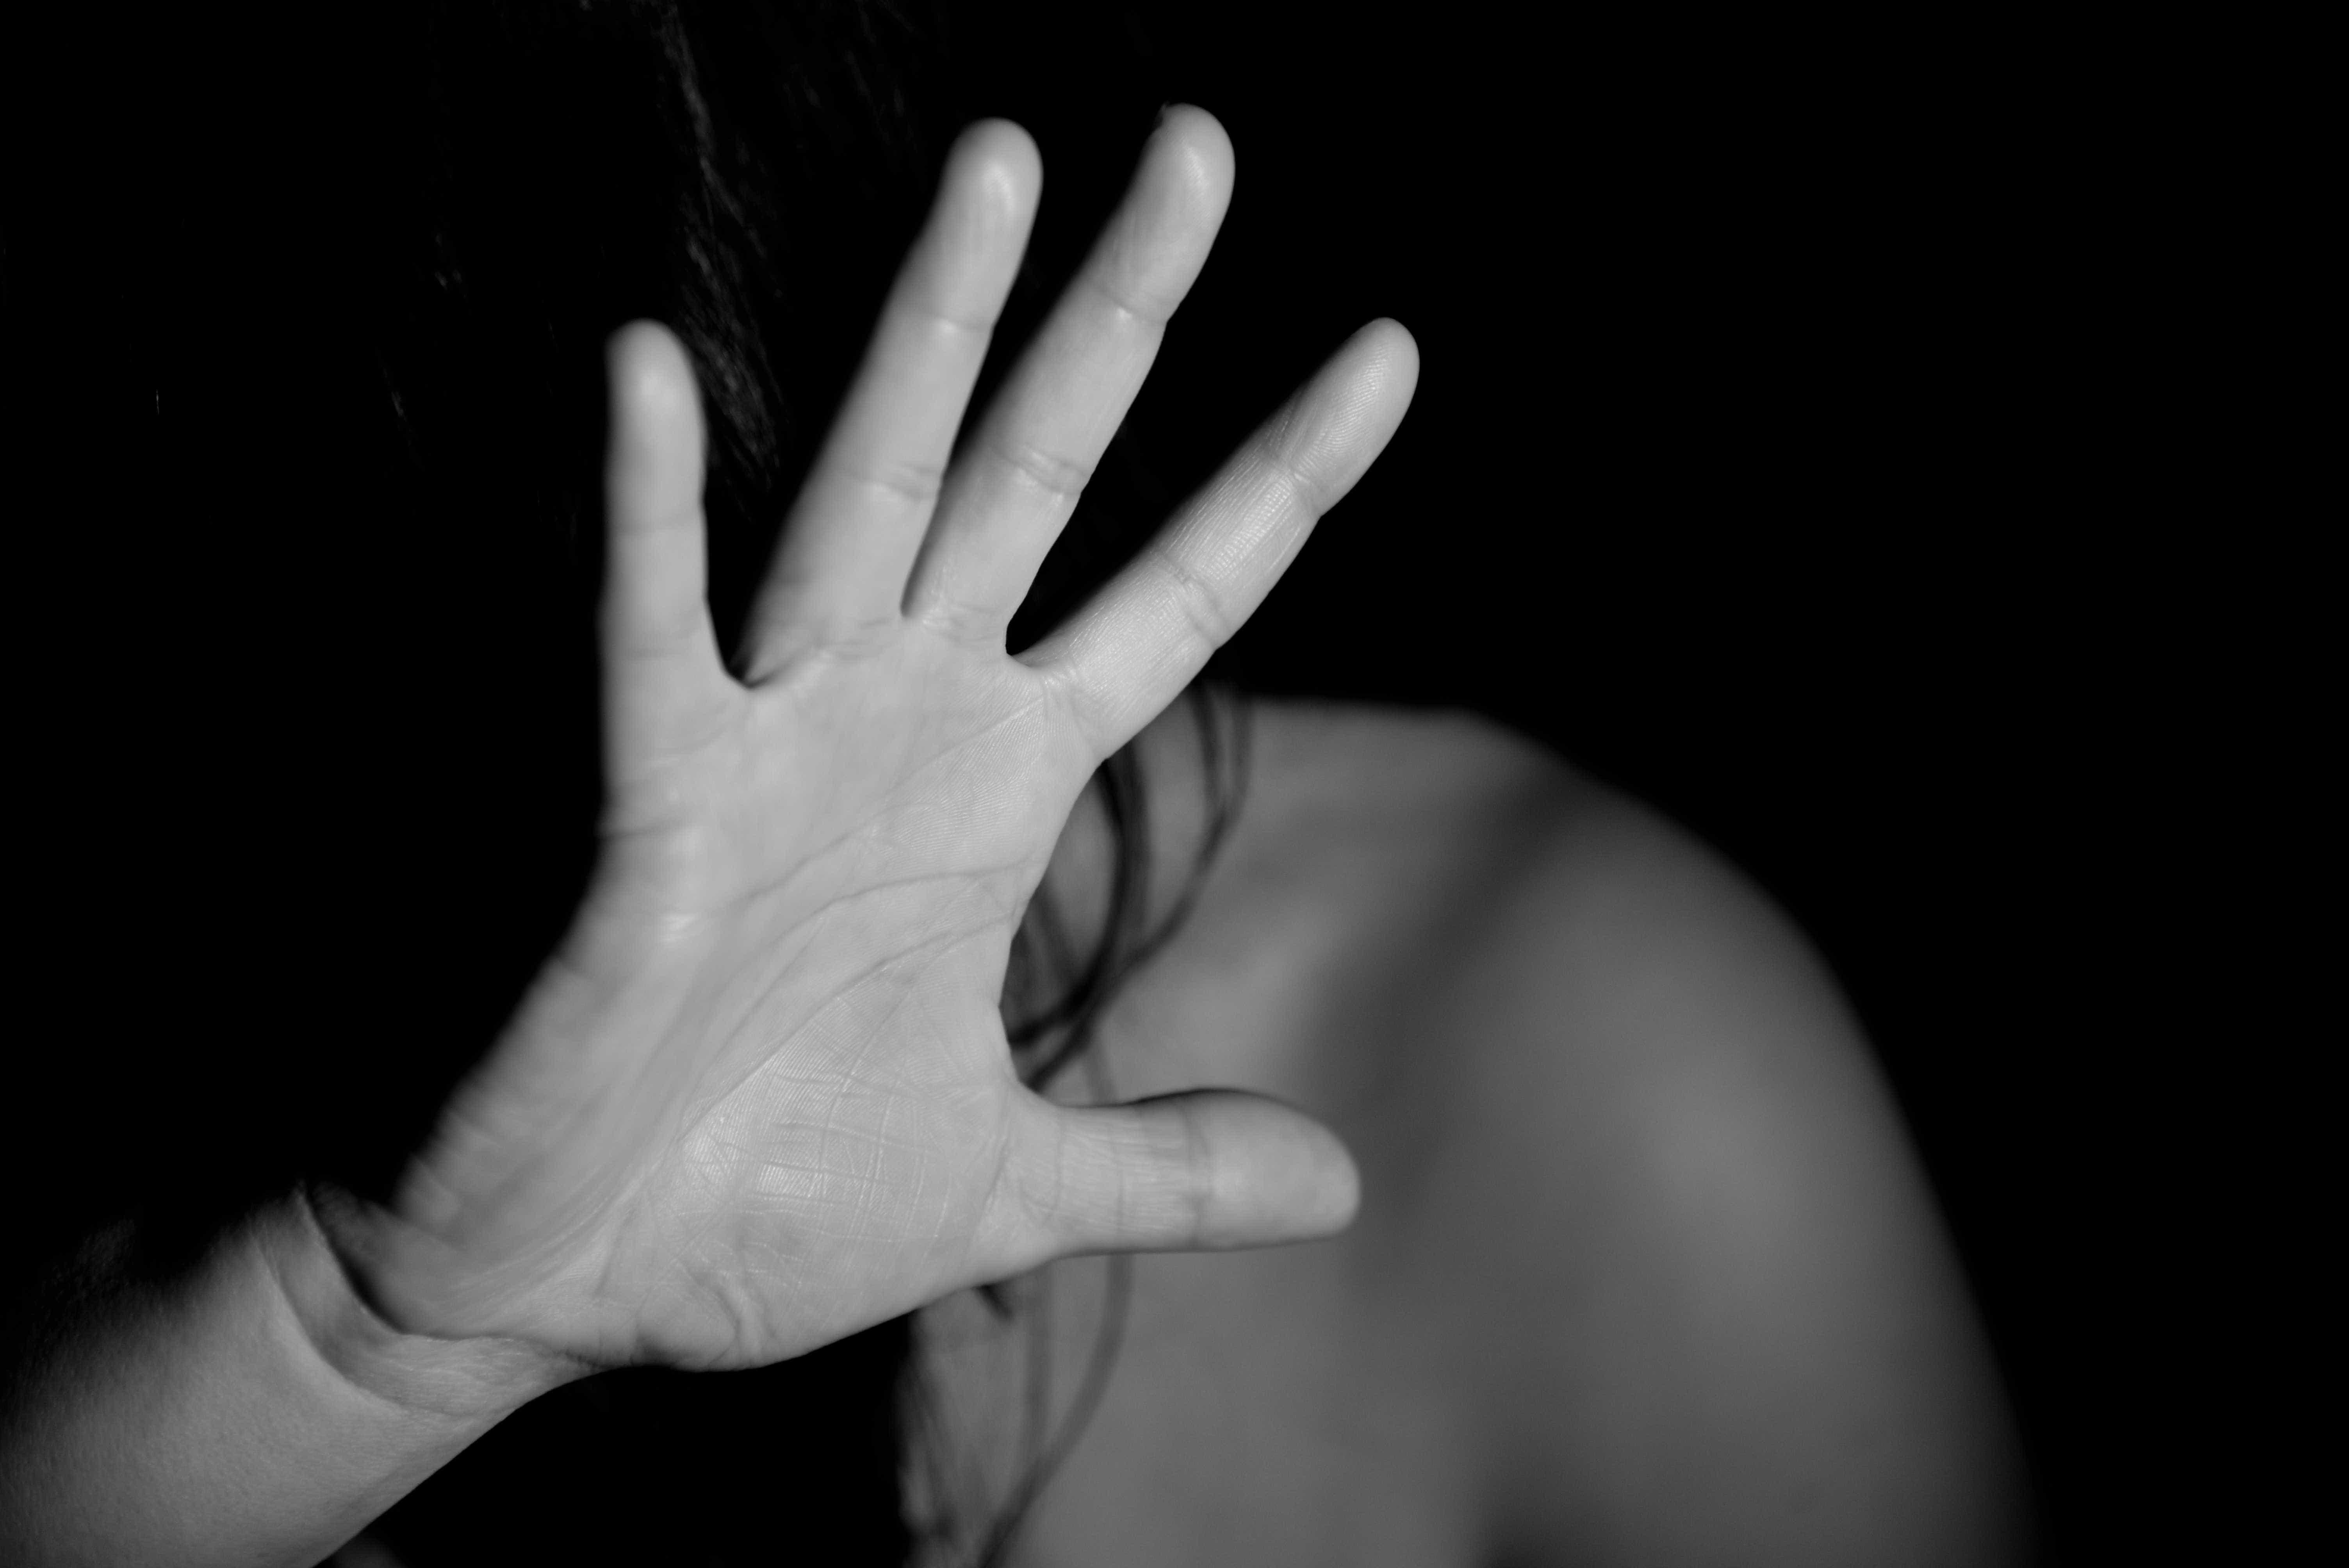 Feminicídio: perita pede atenção a indícios de violência simbólica